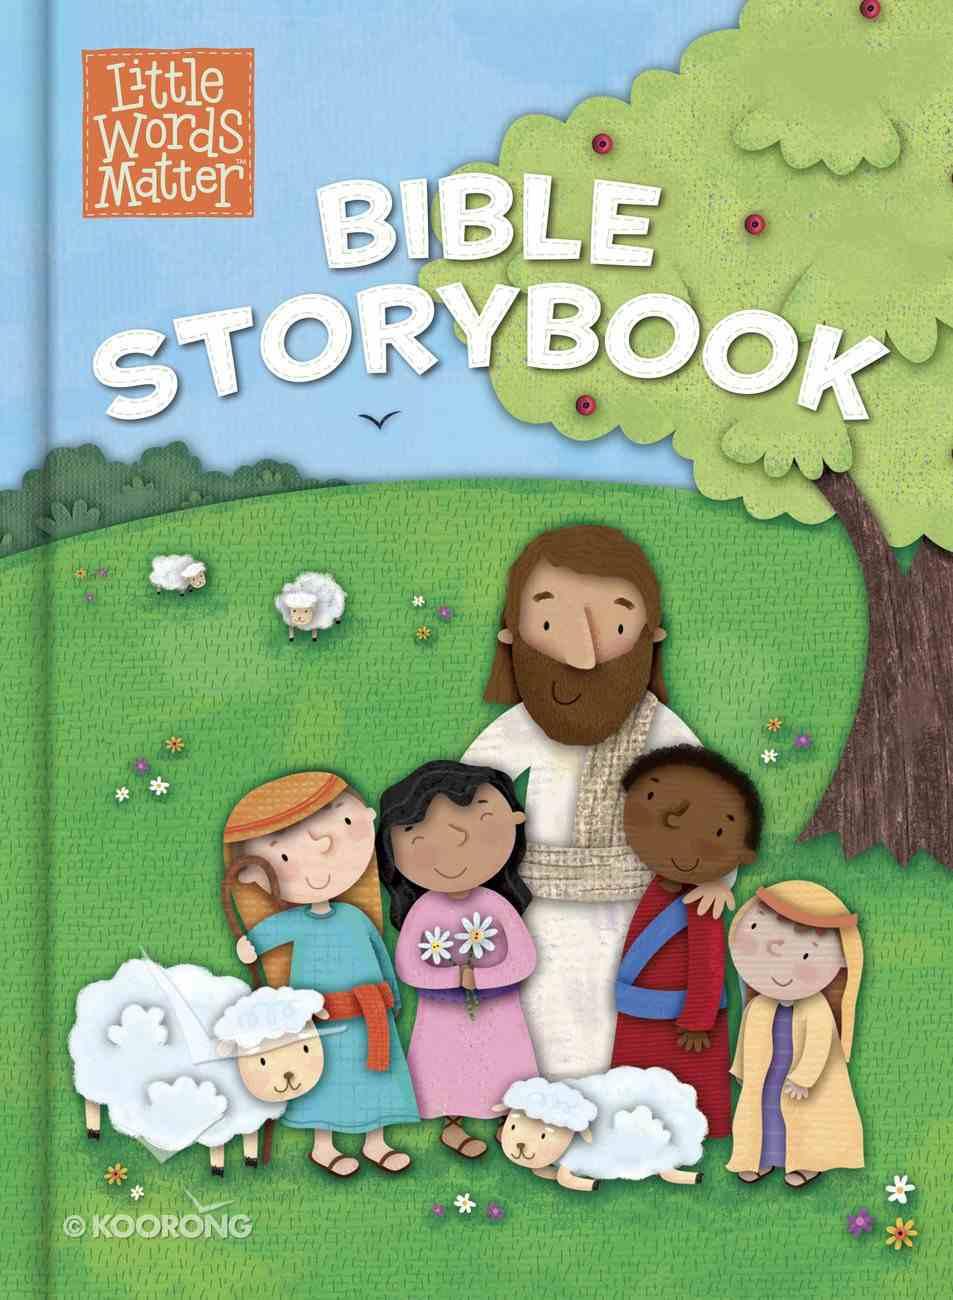 Little Words Matter Bible Storybook (Little Words Matter Series) eBook